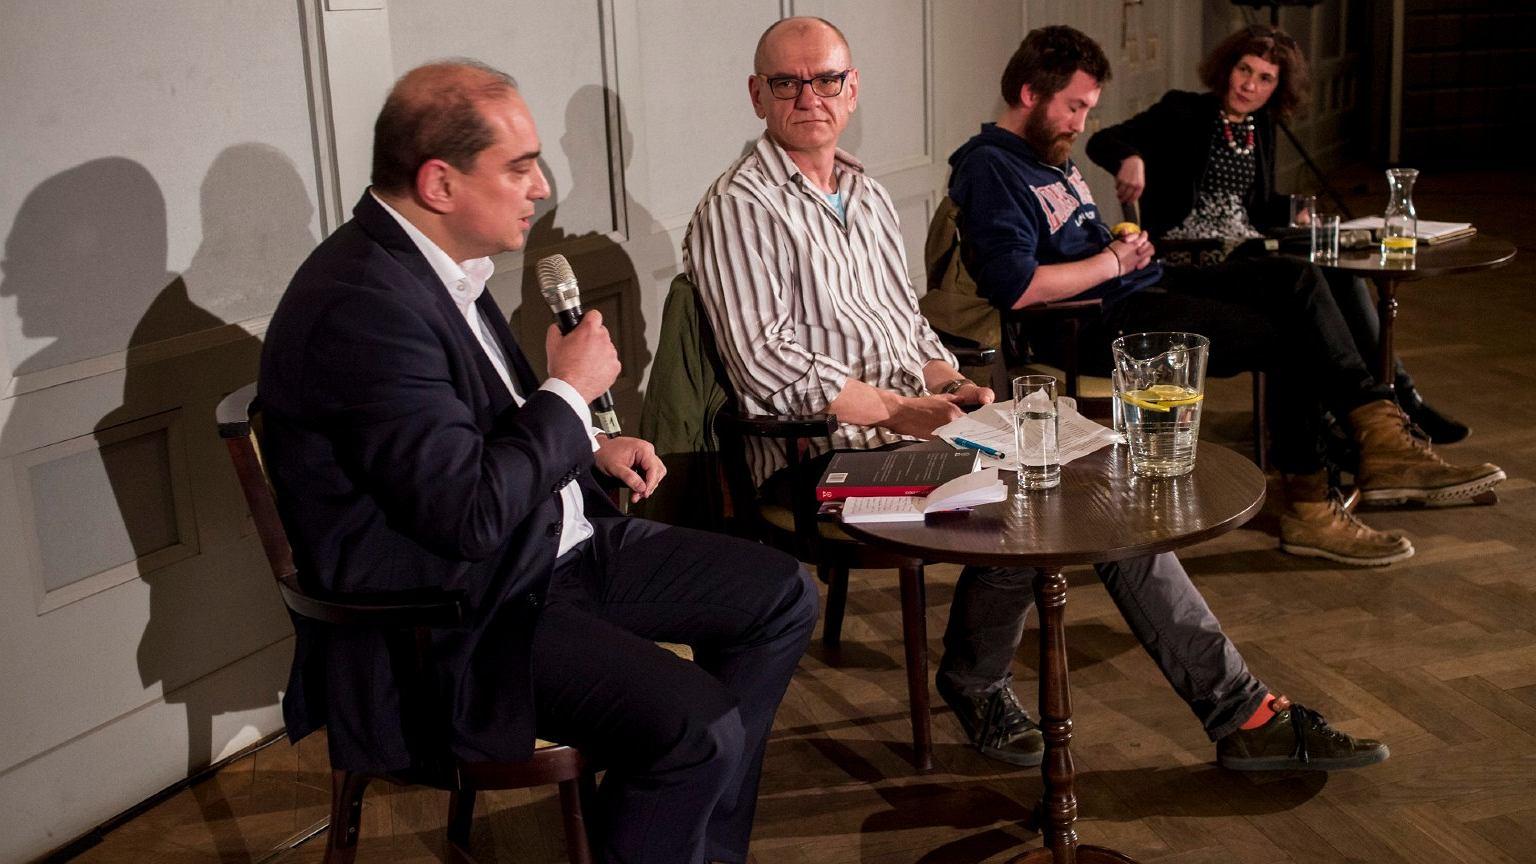 Debata o uchodźcach z udziałem Dariusza Rosiaka - Kraków, 2016 rok